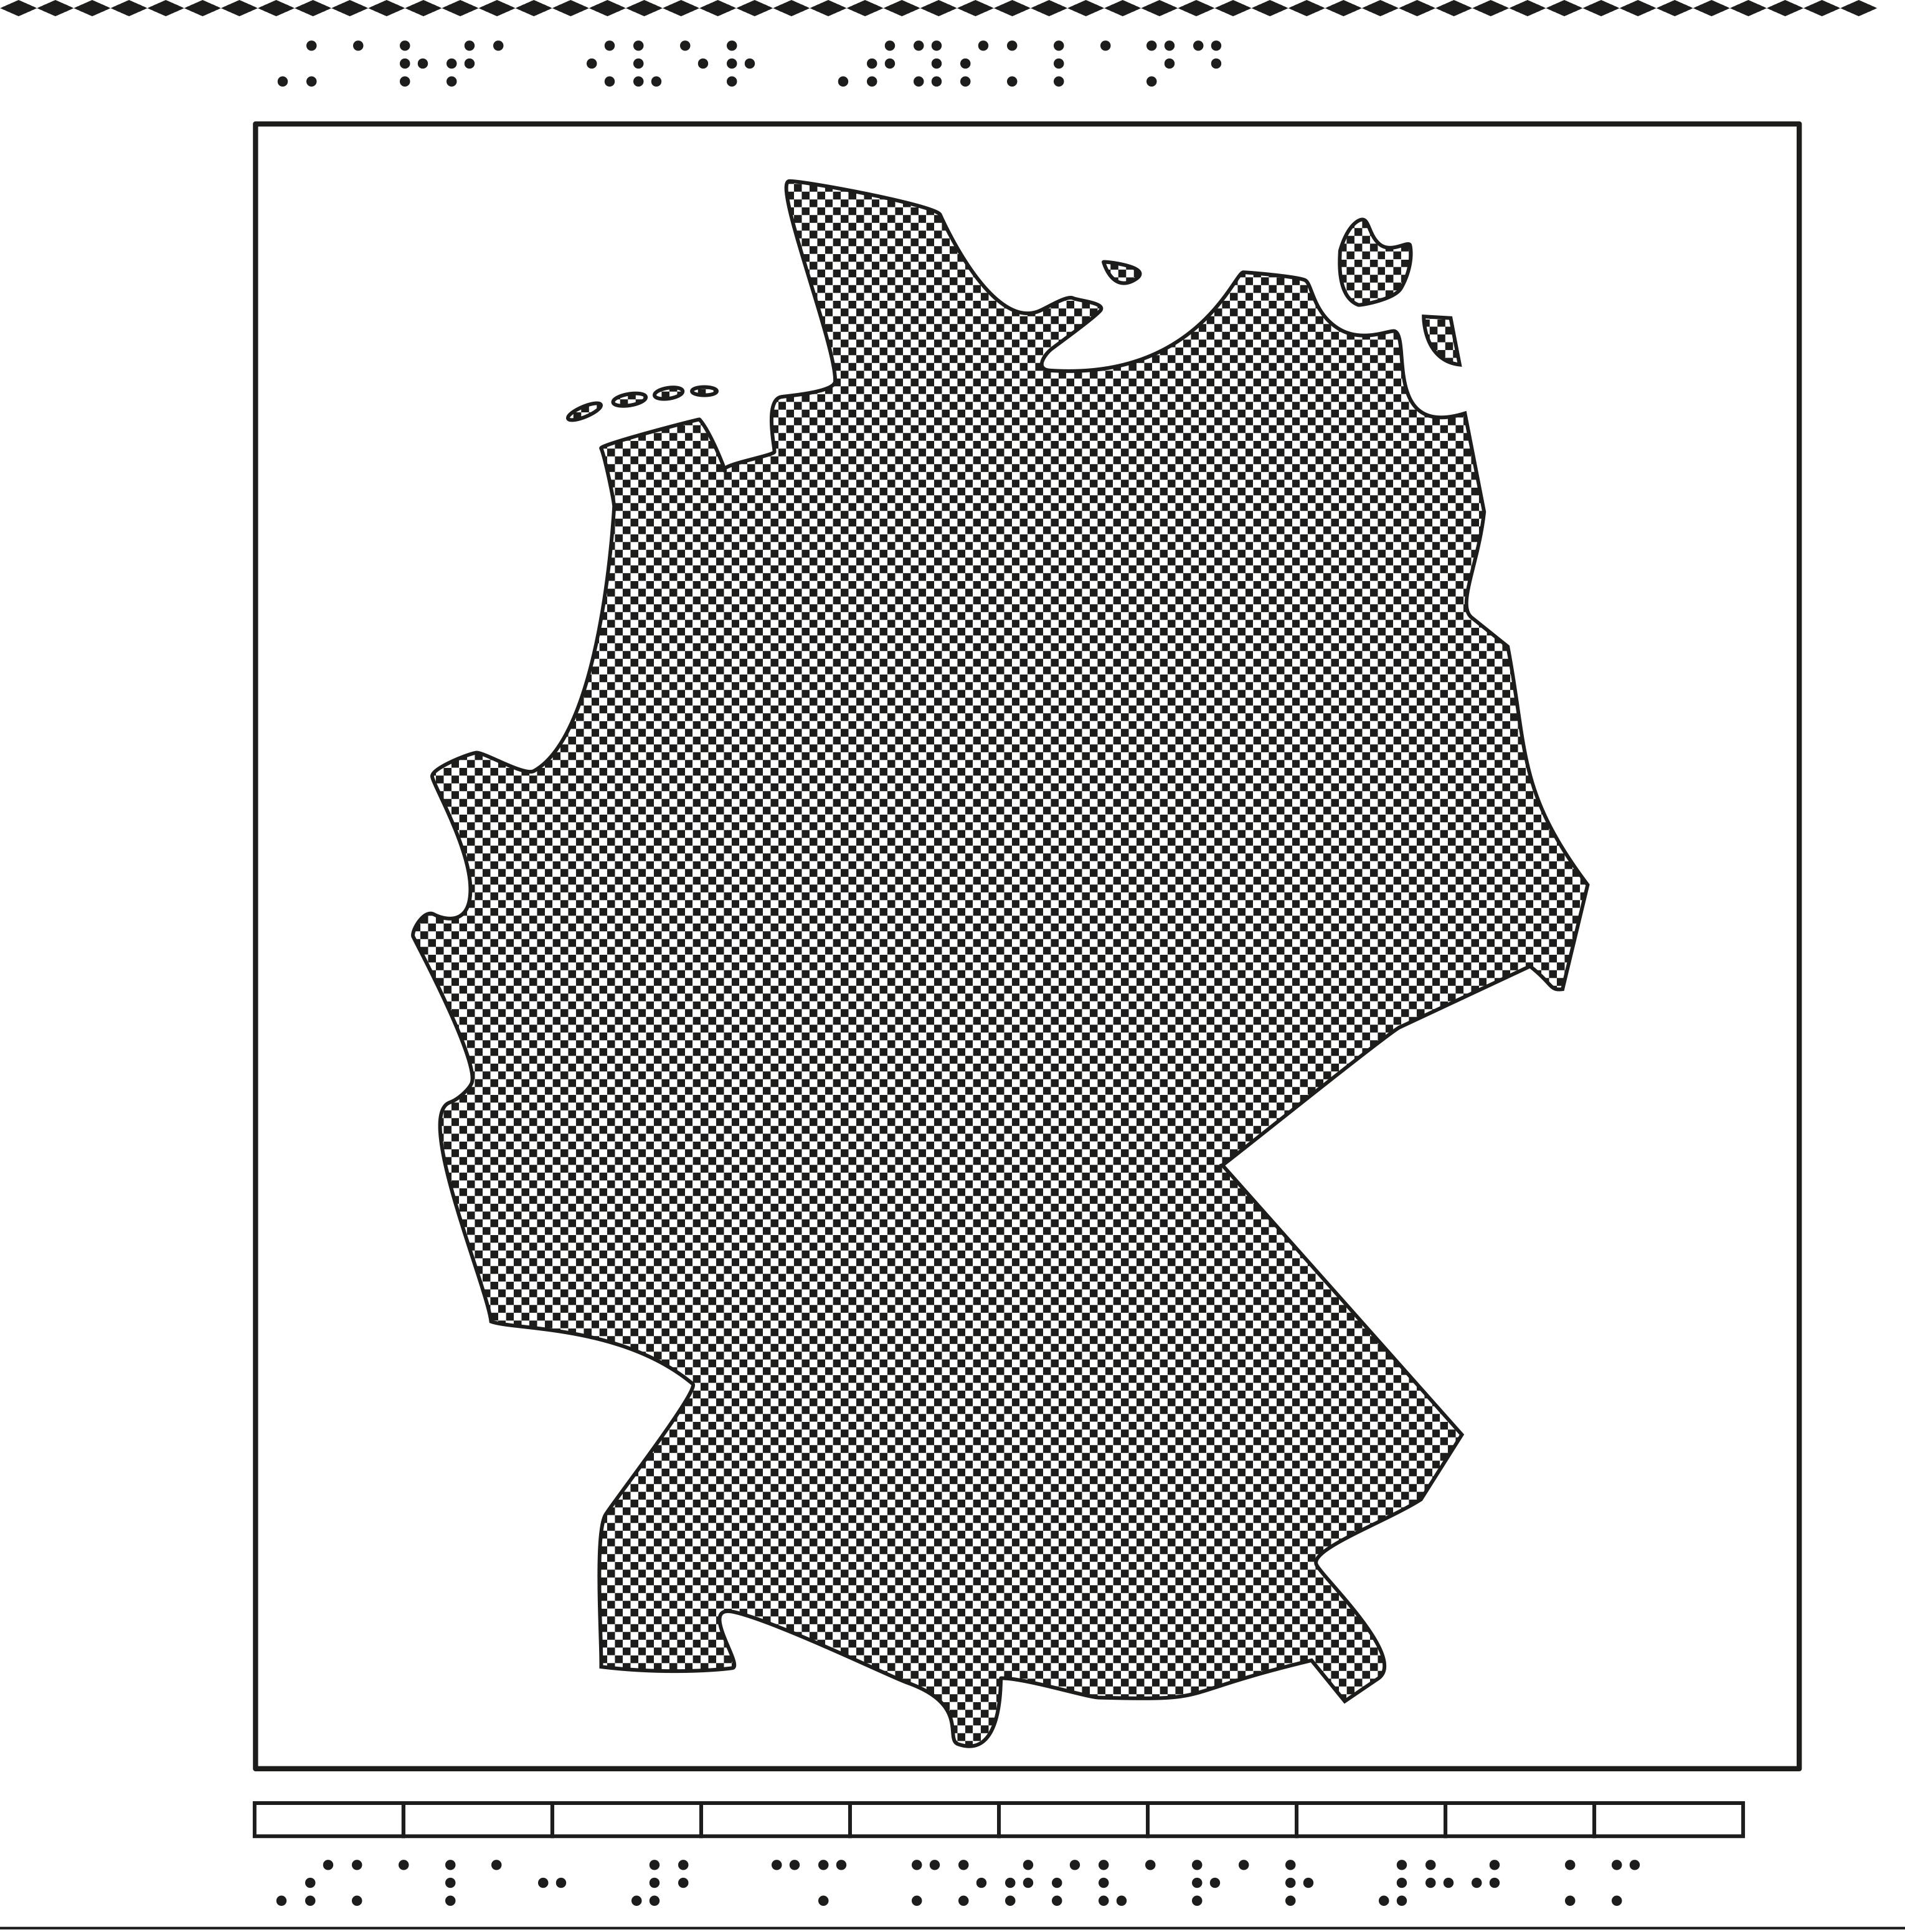 Karta av Tyskland i relief med tillhörande punktskrift.